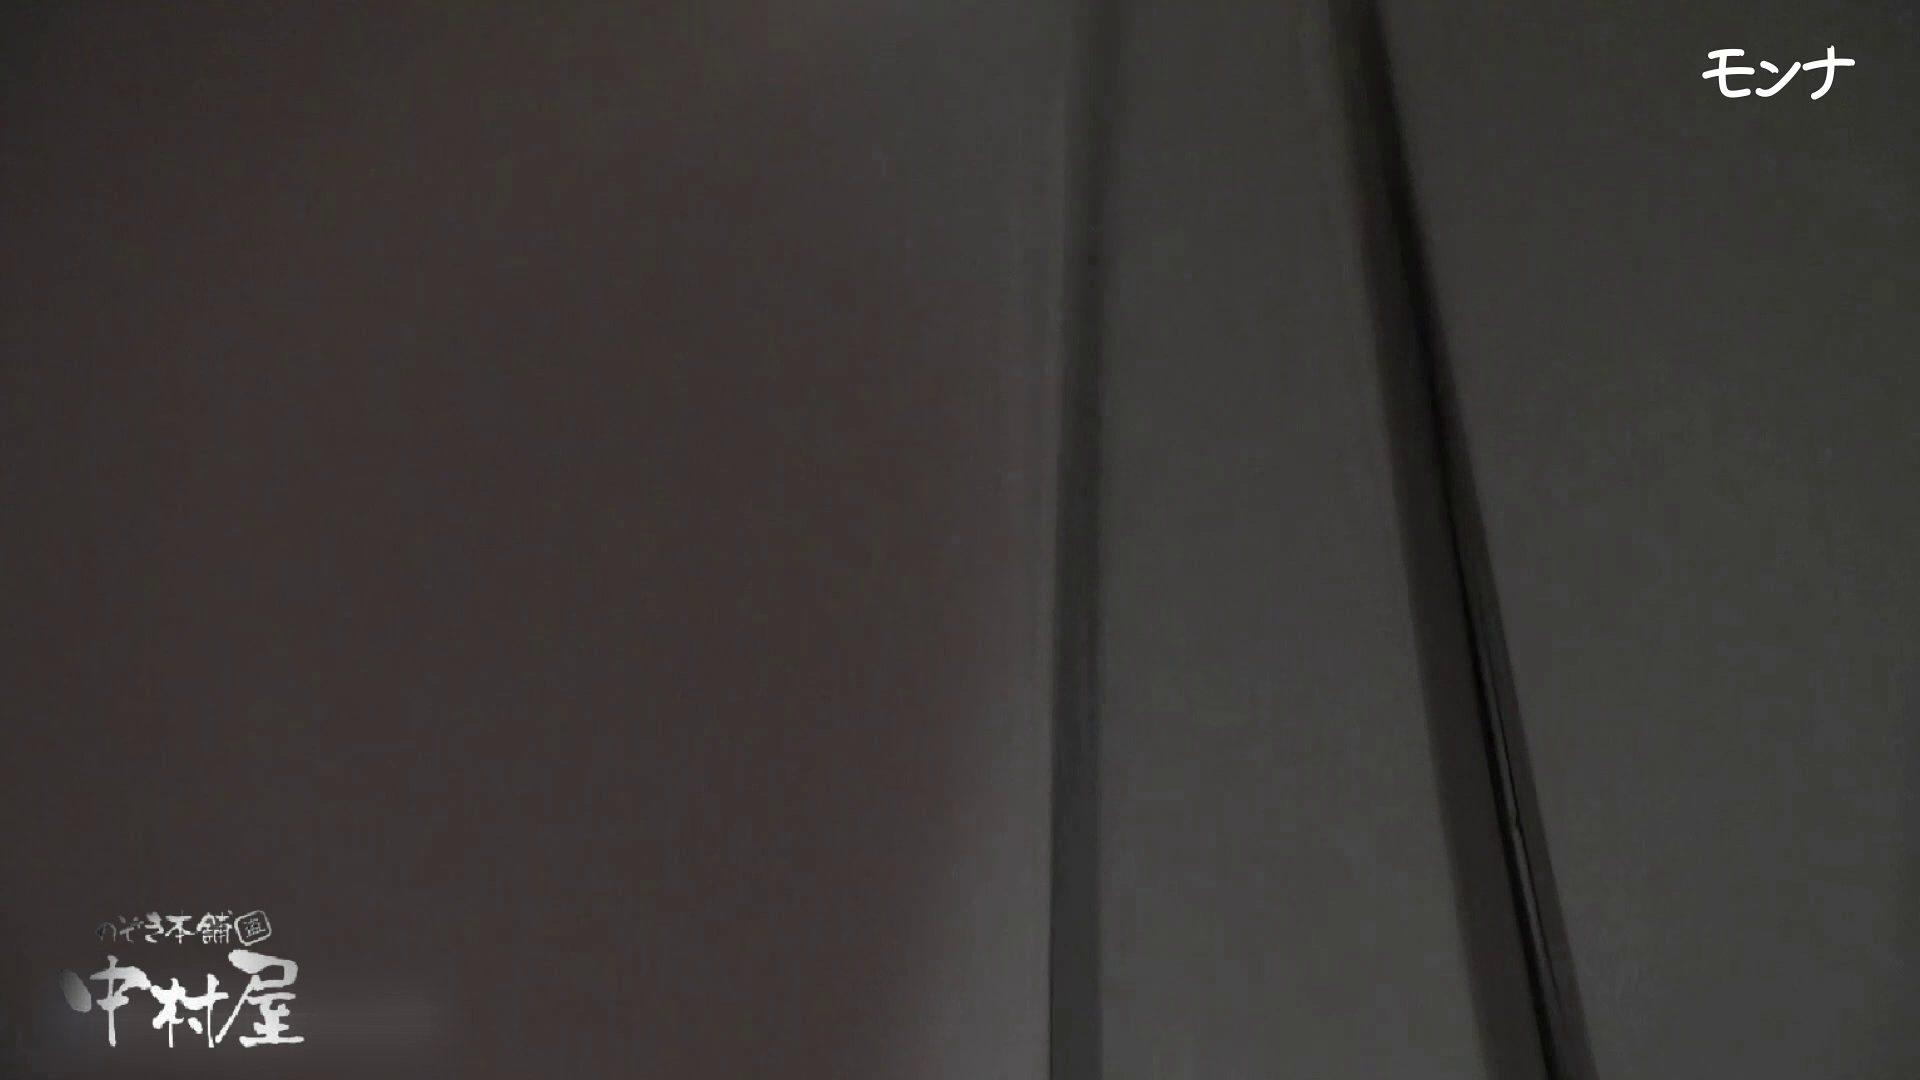 【美しい日本の未来】美しい日本の未来 No.70 若さゆえの美しい丸み 覗き 隠し撮りオマンコ動画紹介 81連発 59